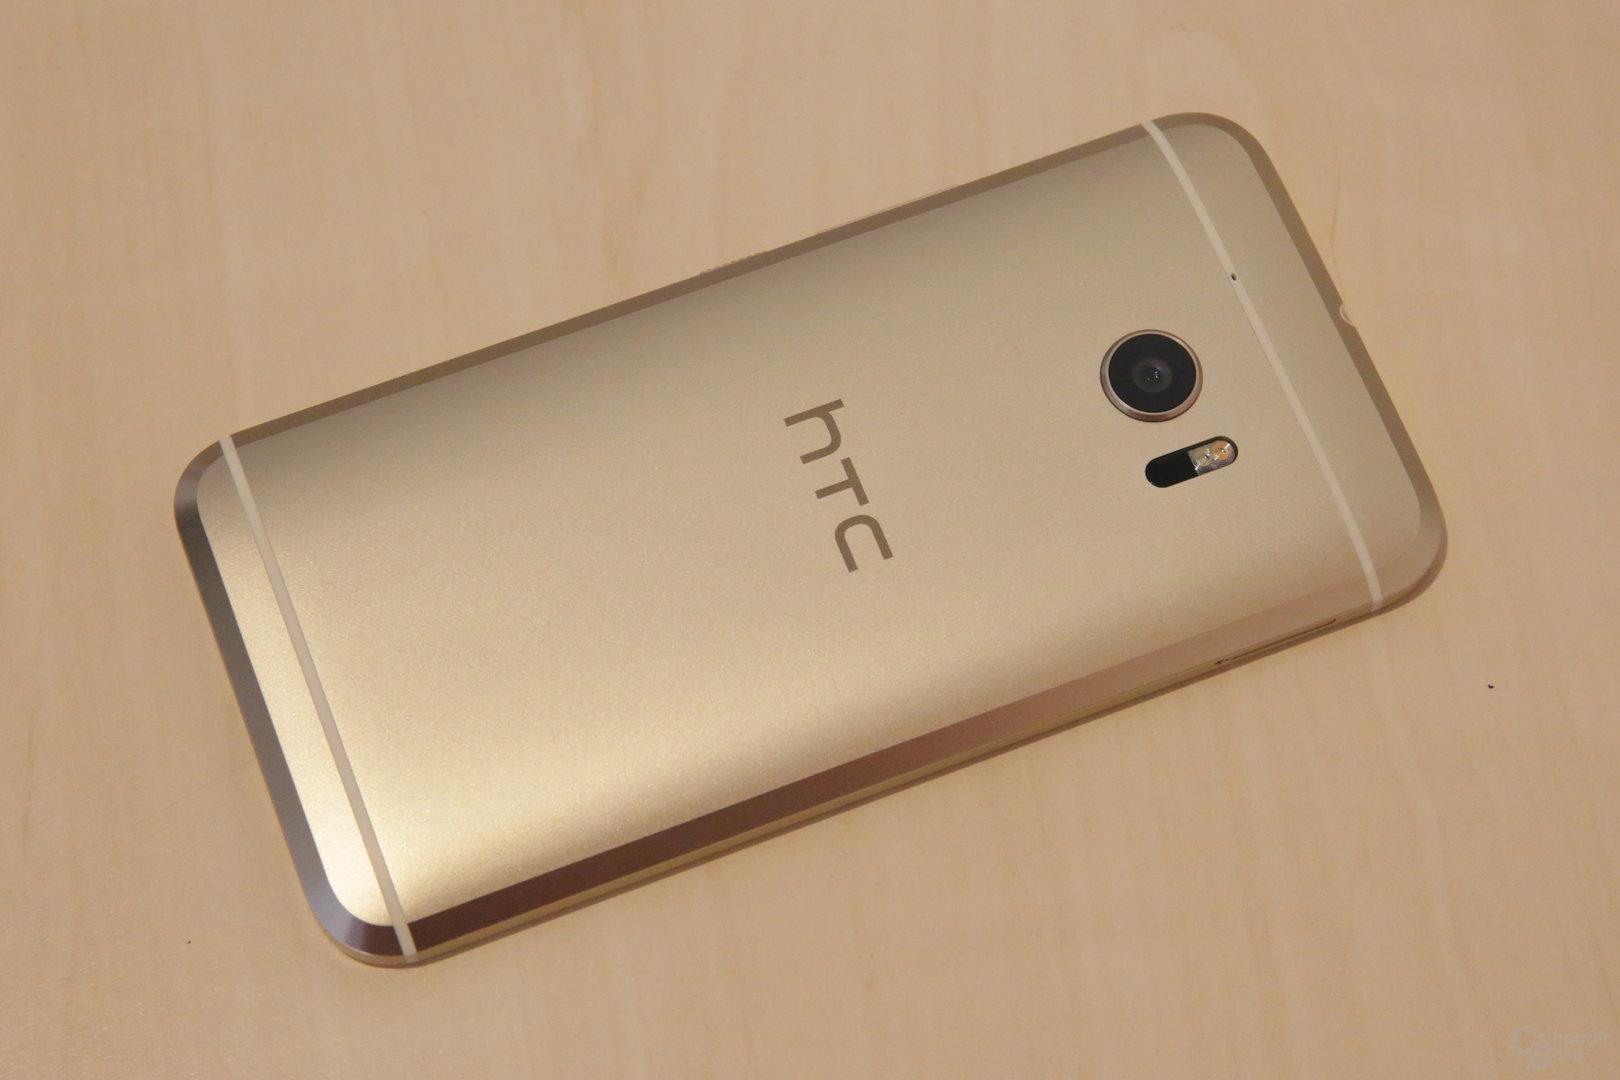 HTC 10: Auch ohne One im Namen klar als solches erkennbar